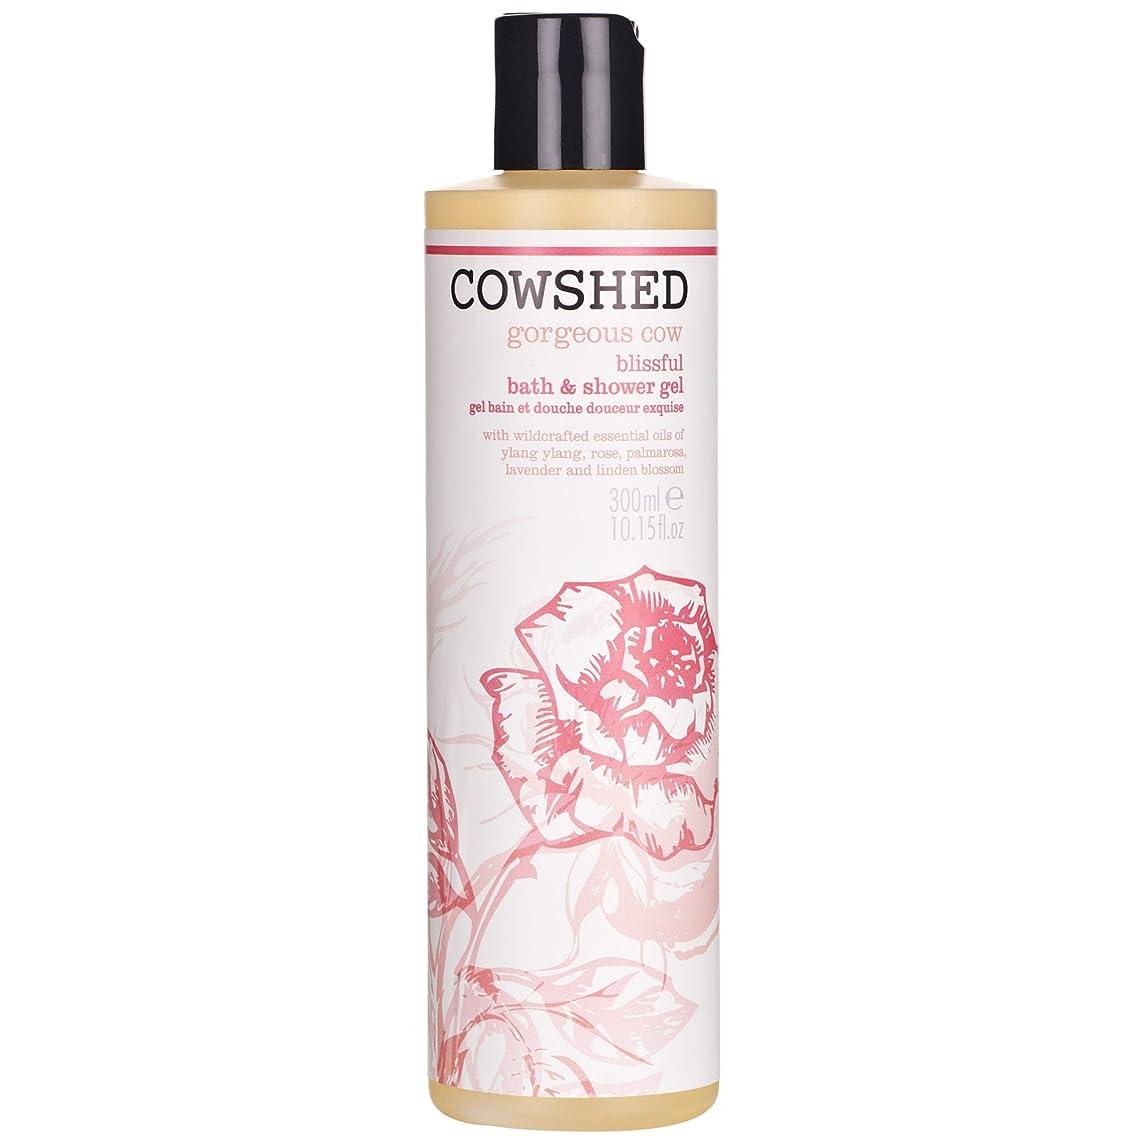 チーズヒロイン味わう牛舎ゴージャスな牛のバス&シャワージェル300ミリリットル (Cowshed) - Cowshed Gorgeous Cow Bath & Shower Gel 300ml [並行輸入品]